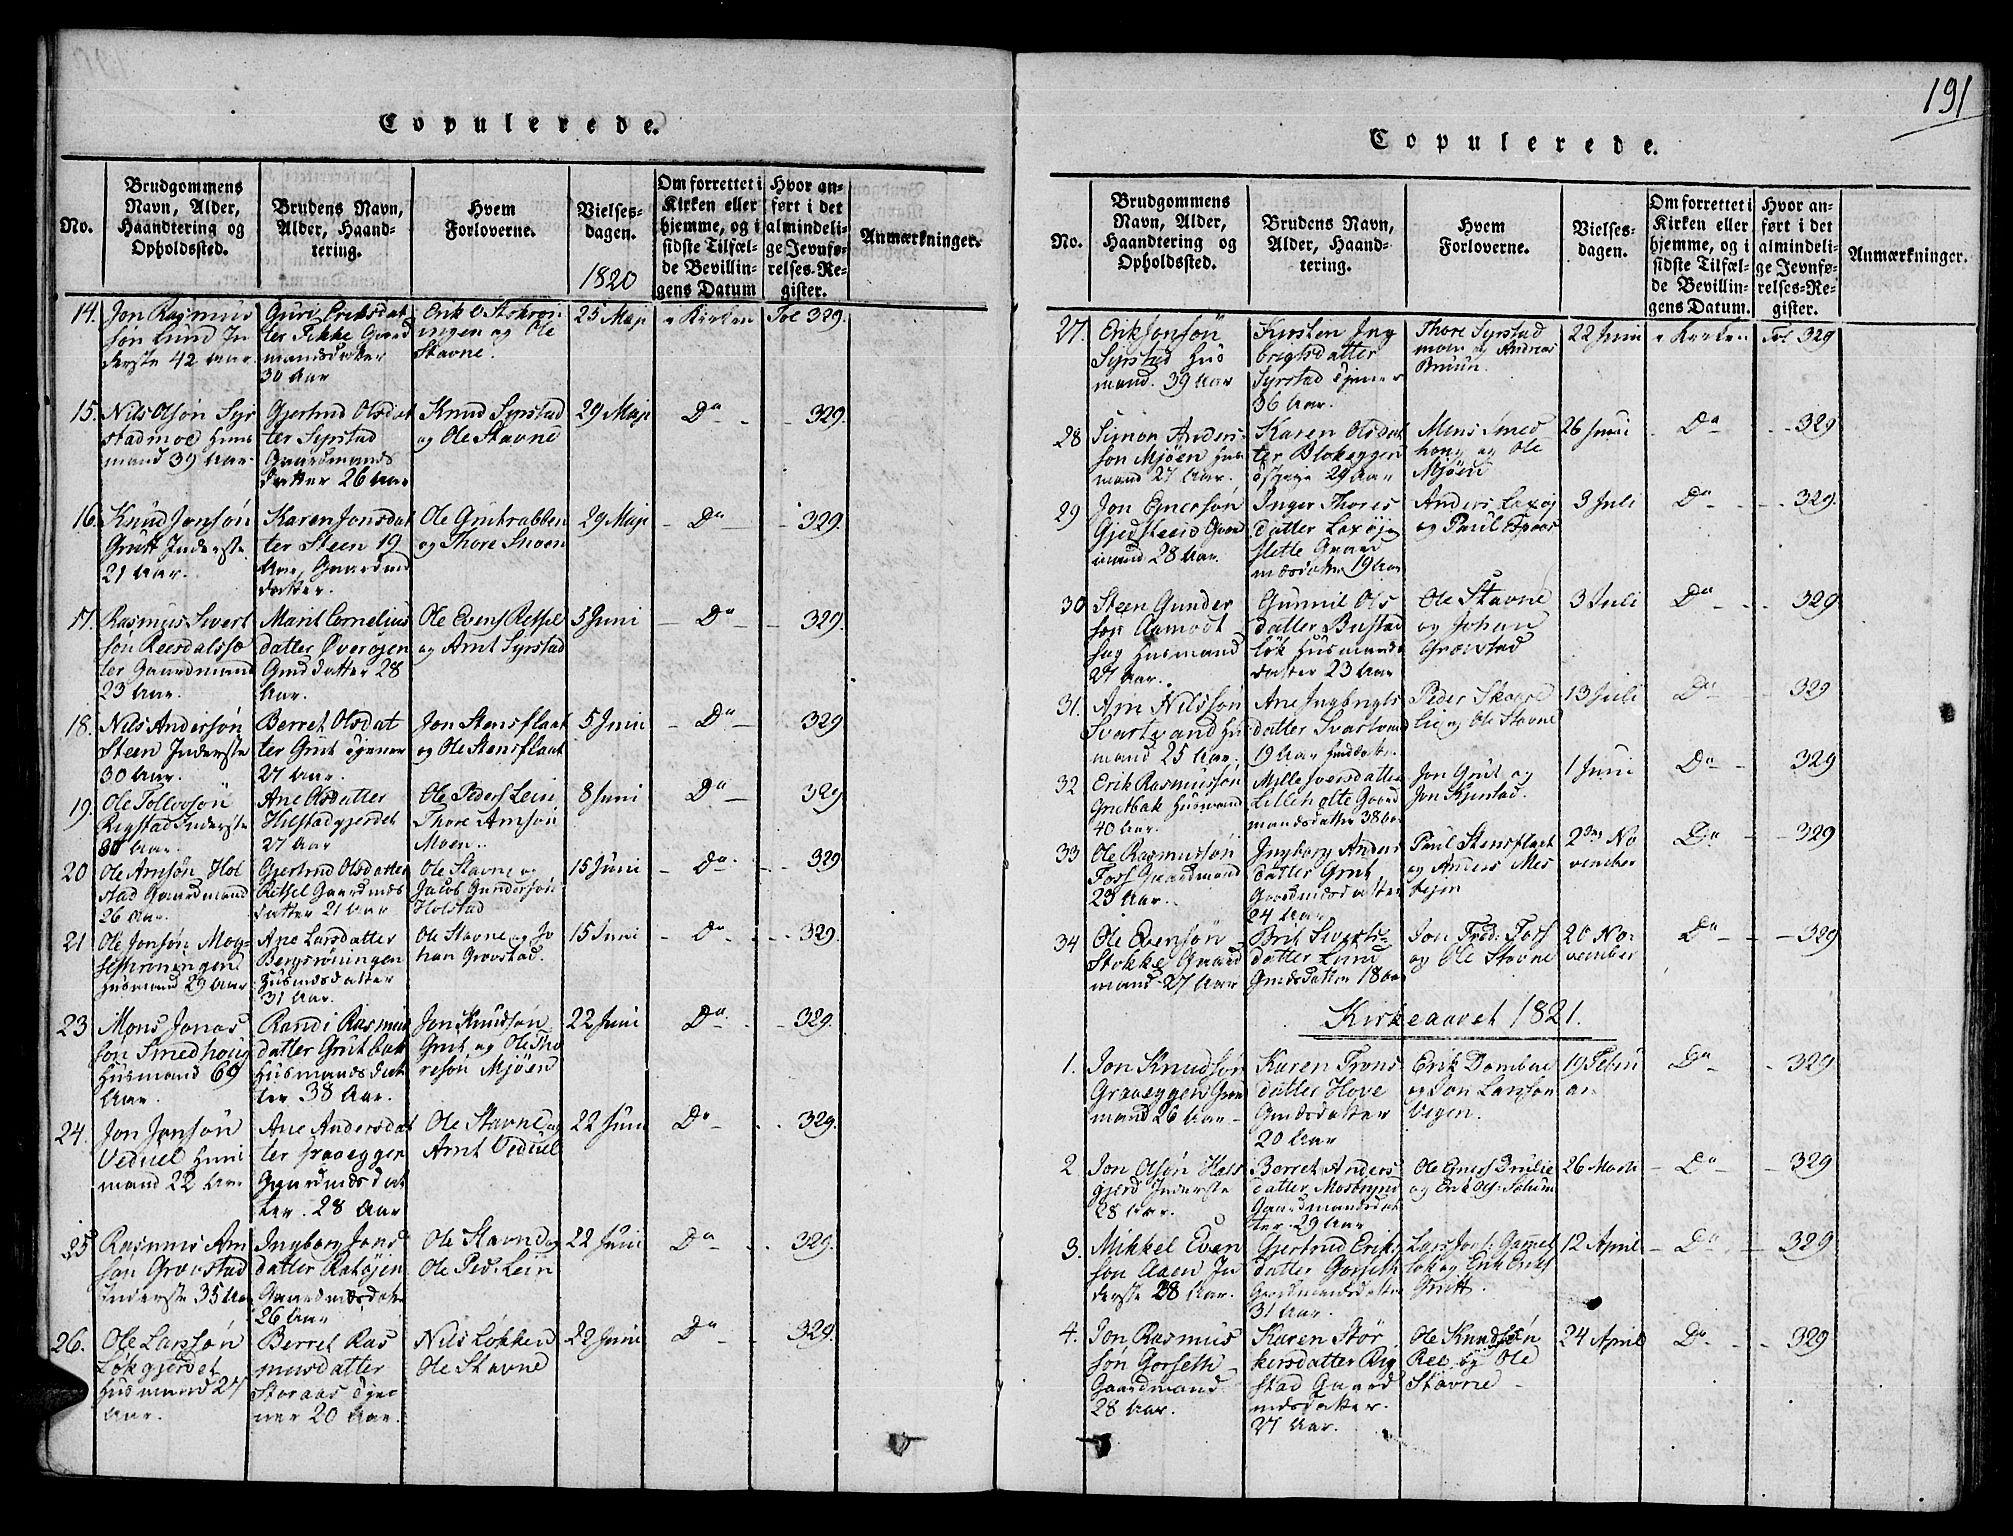 SAT, Ministerialprotokoller, klokkerbøker og fødselsregistre - Sør-Trøndelag, 672/L0853: Ministerialbok nr. 672A06 /1, 1816-1829, s. 191